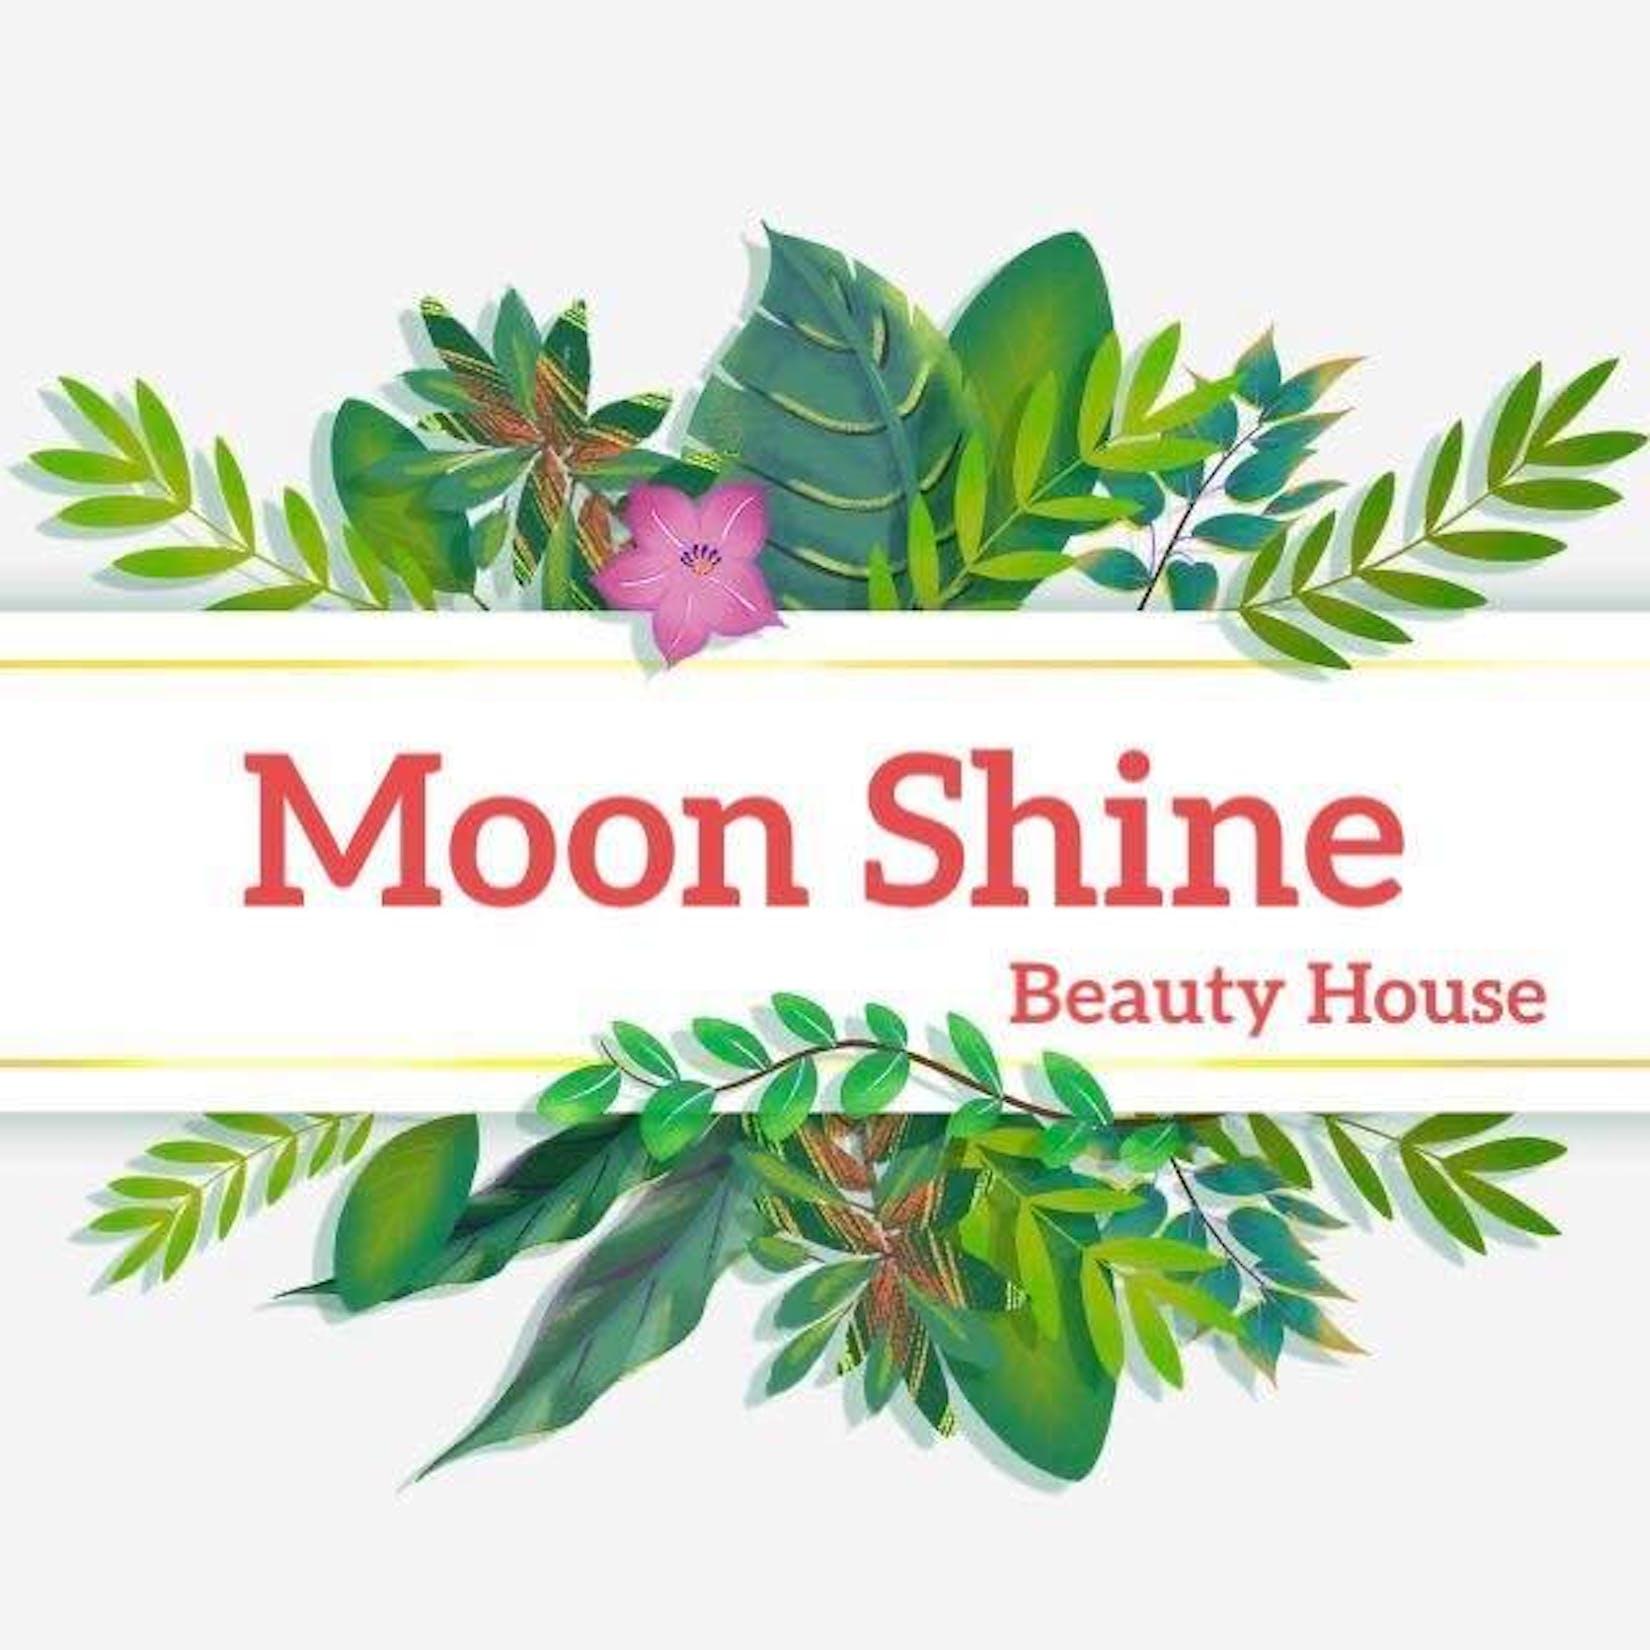 Moon Shine Beauty House | Beauty